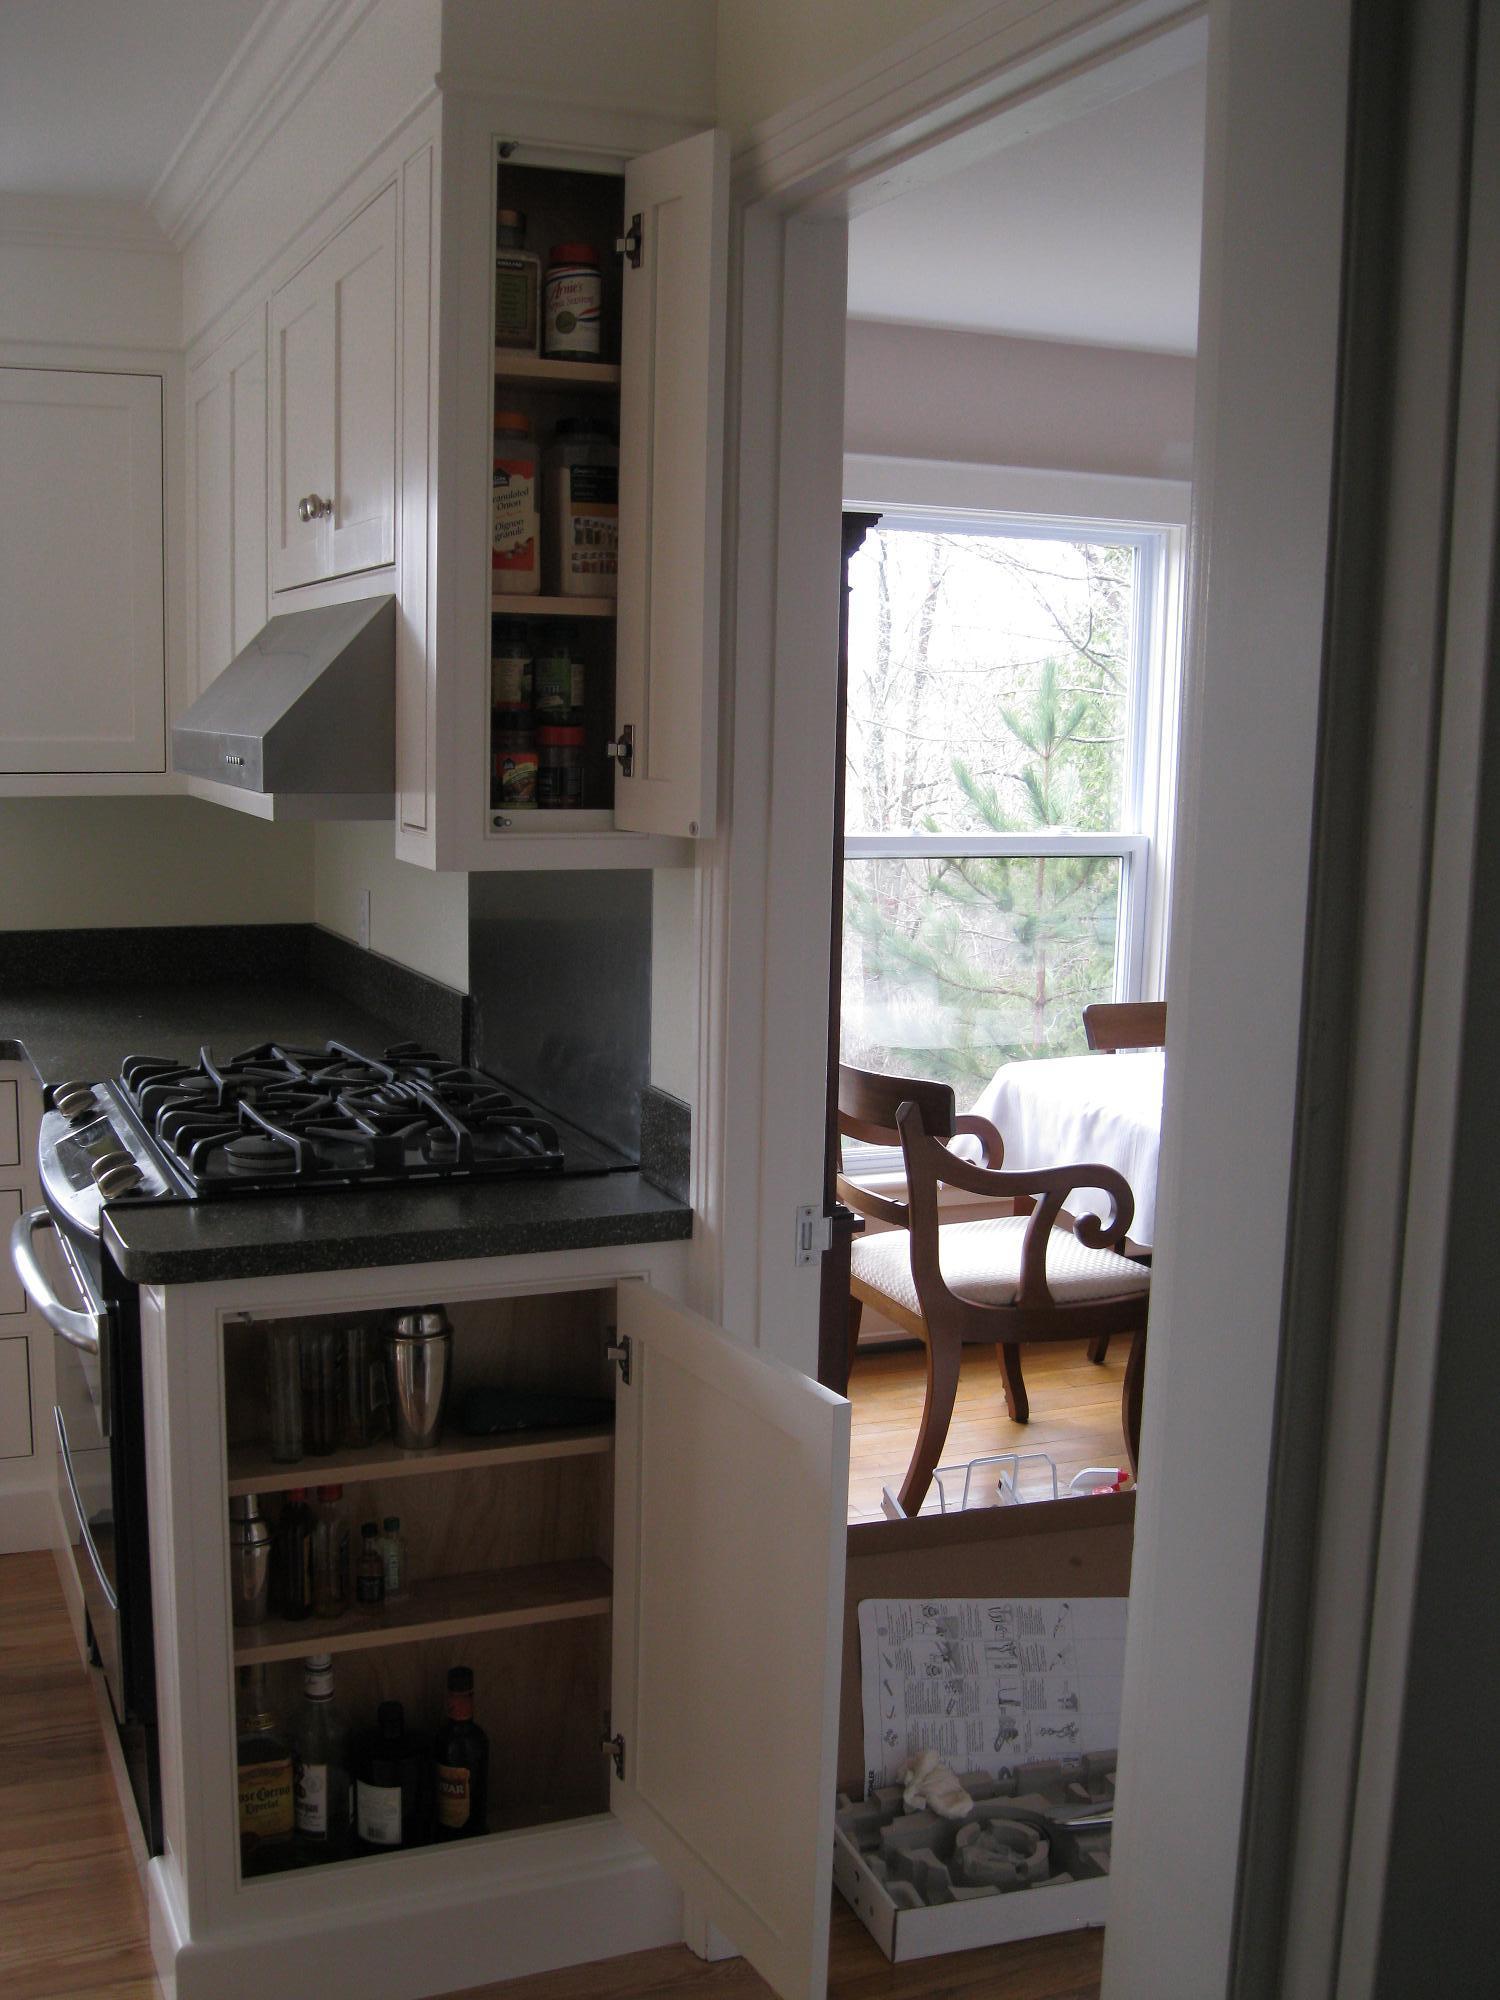 My First Kitchen